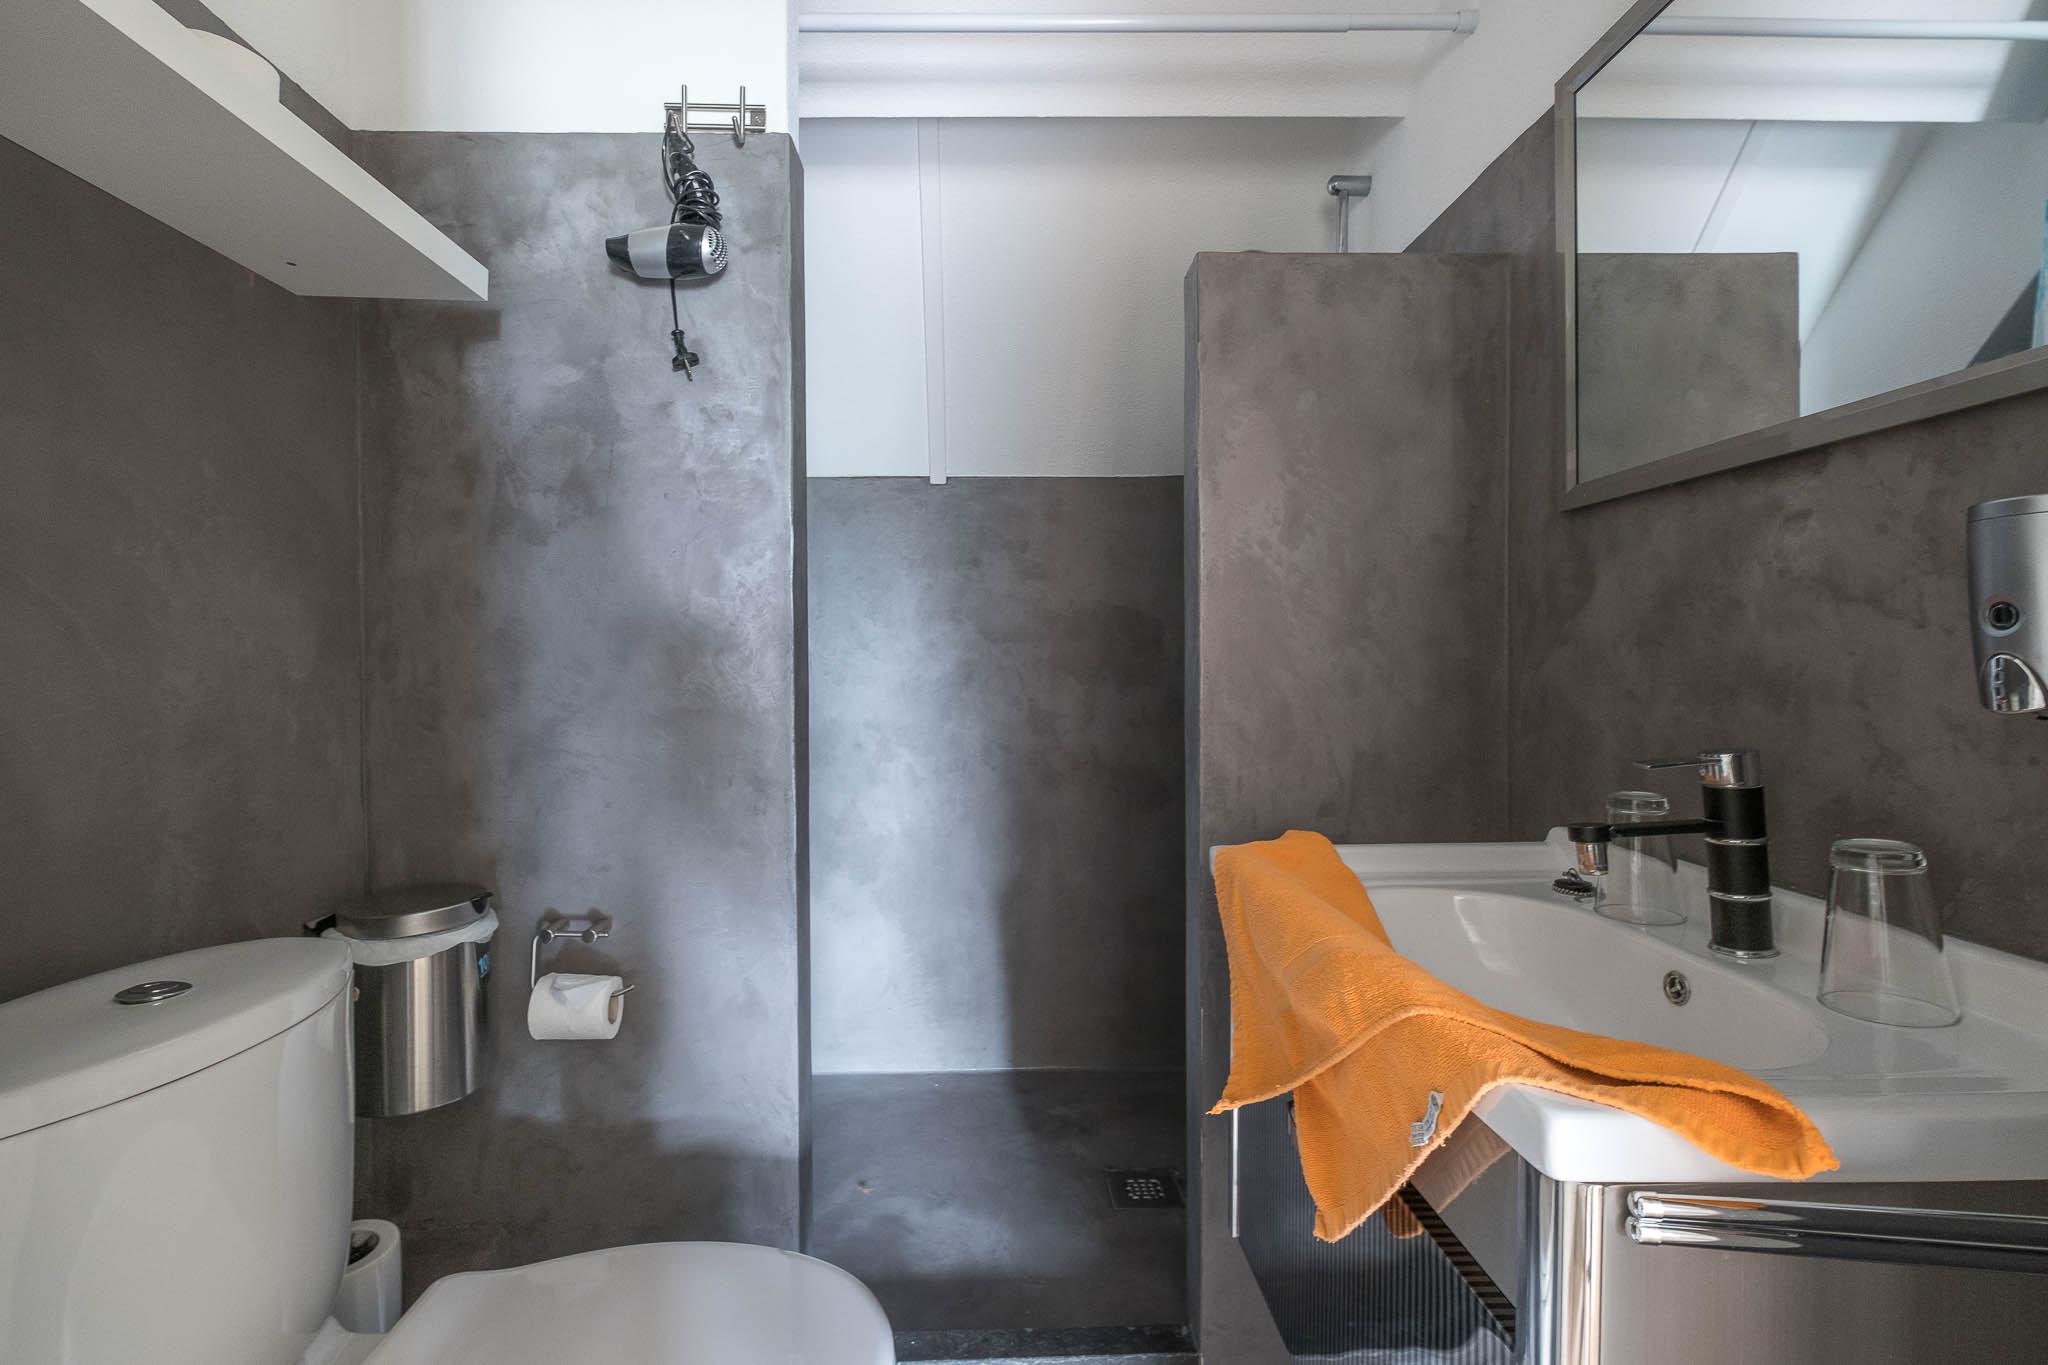 kamer 11 - badkamer